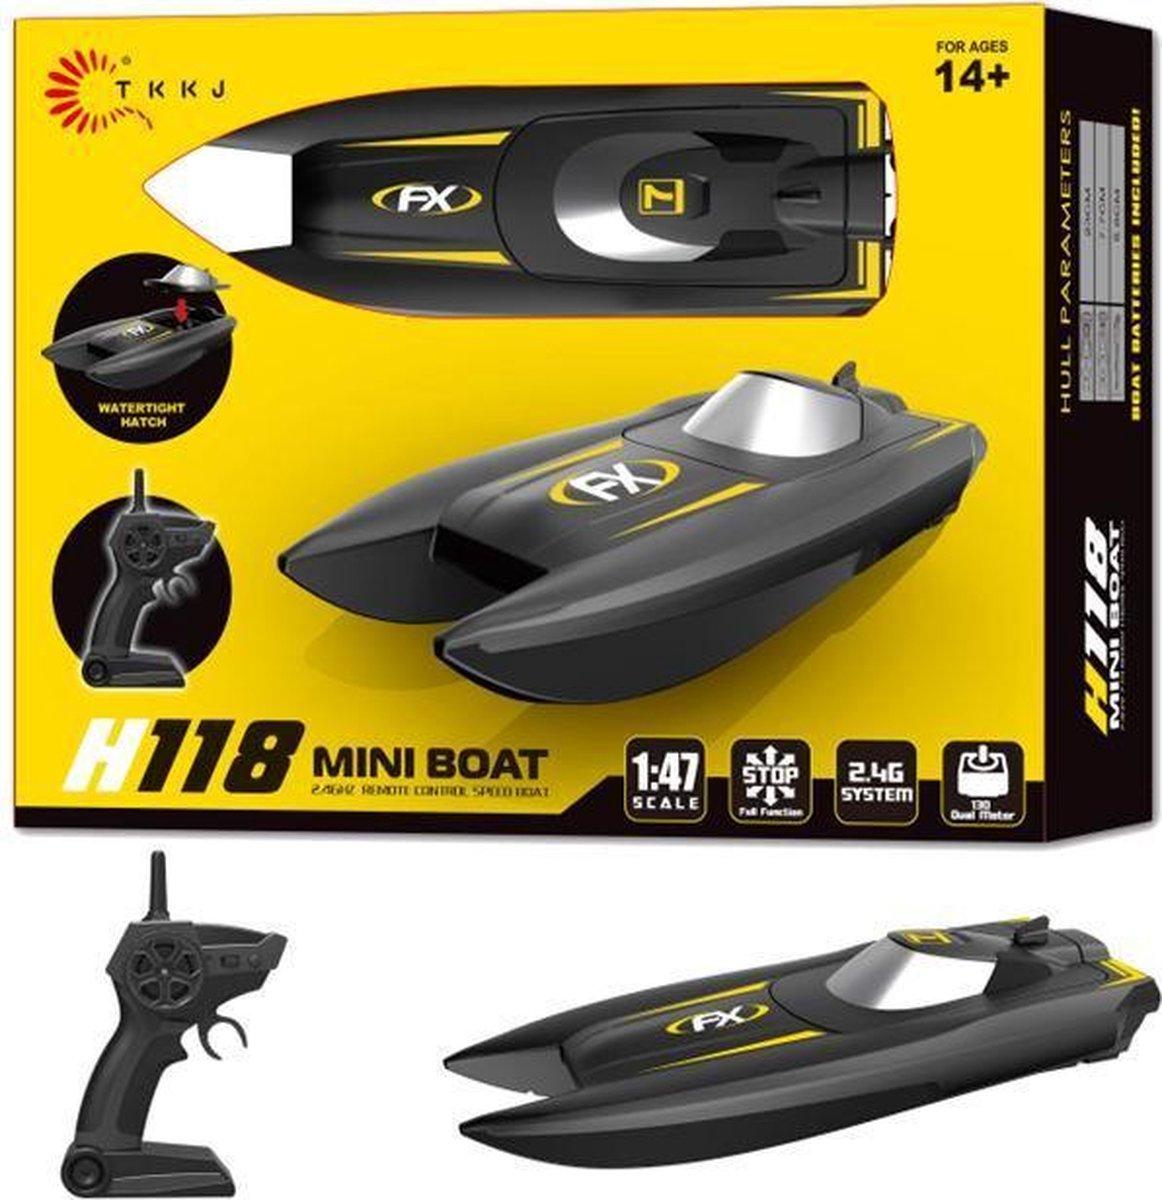 Rc boot H118 - oplaadbaar - 2.4ghz zender - 10km/h  (bereik tot 50 meter) 1:47 - race boot + Extra a